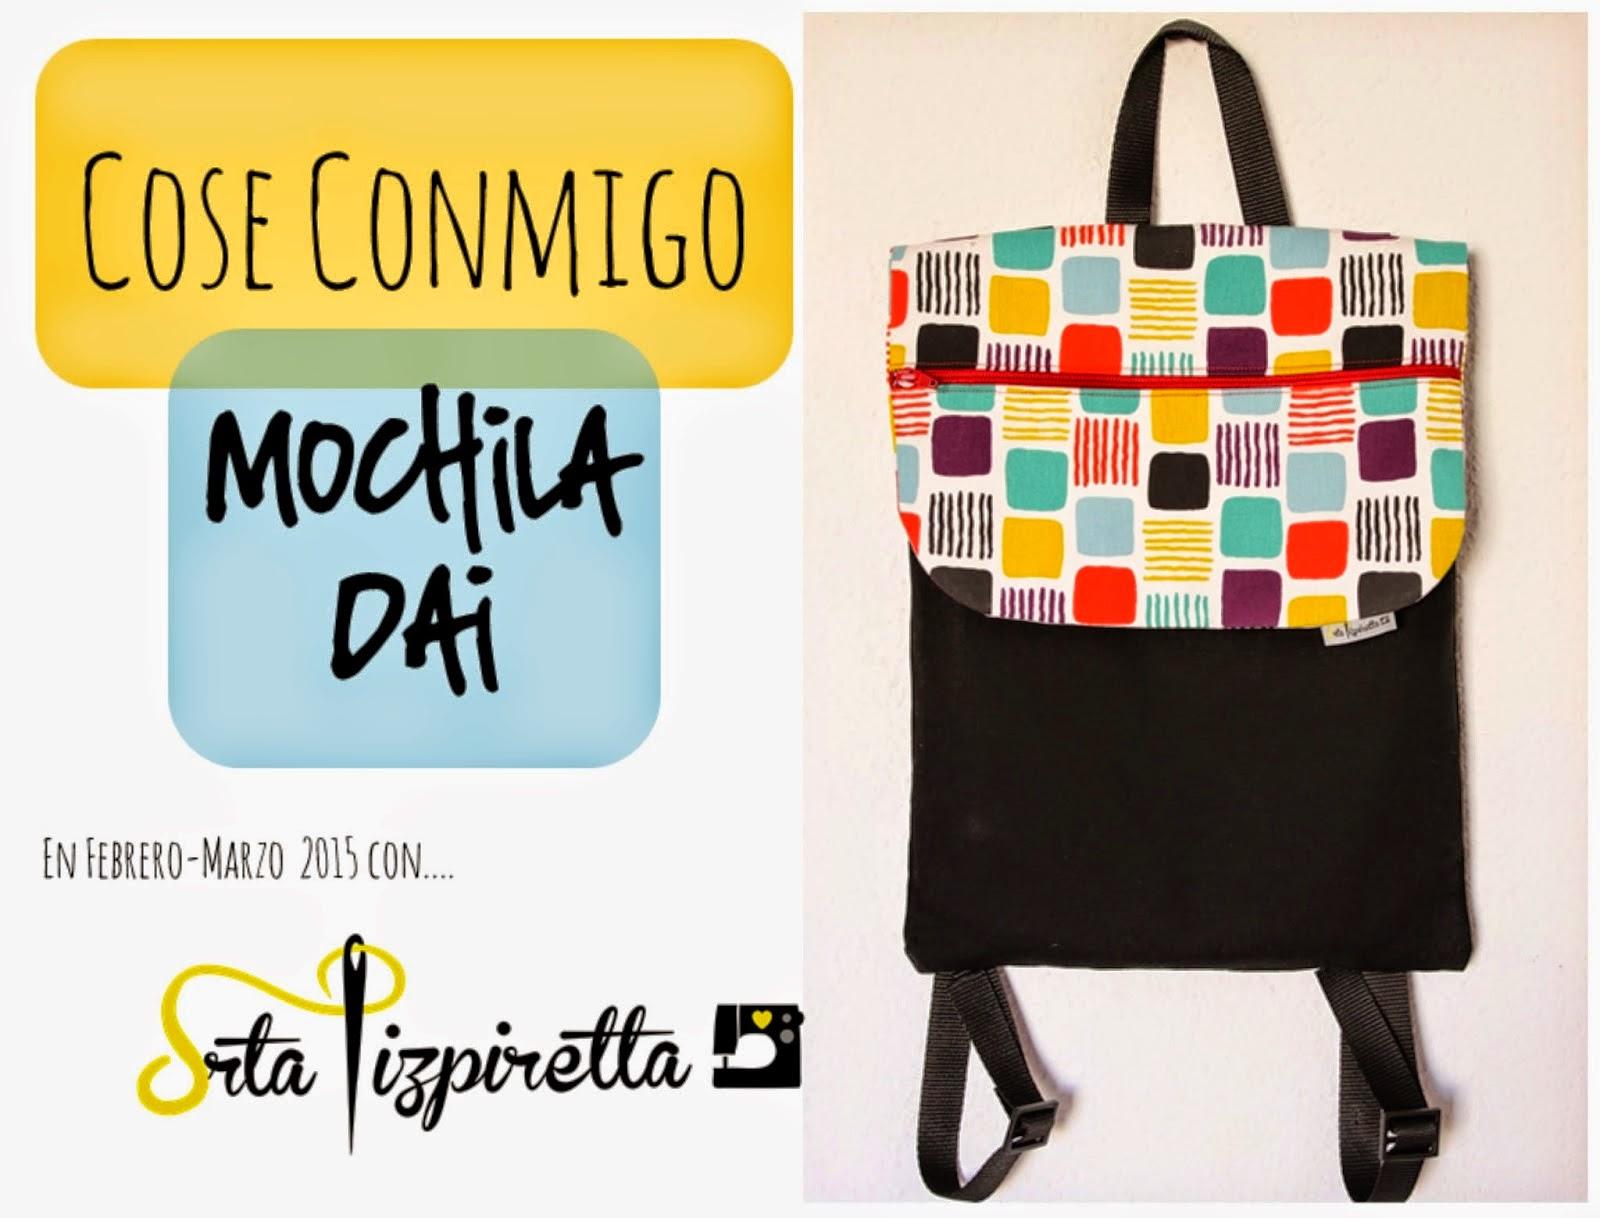 http://www.srtapizpiretta.com/2015/02/cose-conmigo-mochila-daii.html?showComment=1423038894214#c3620701154932895094